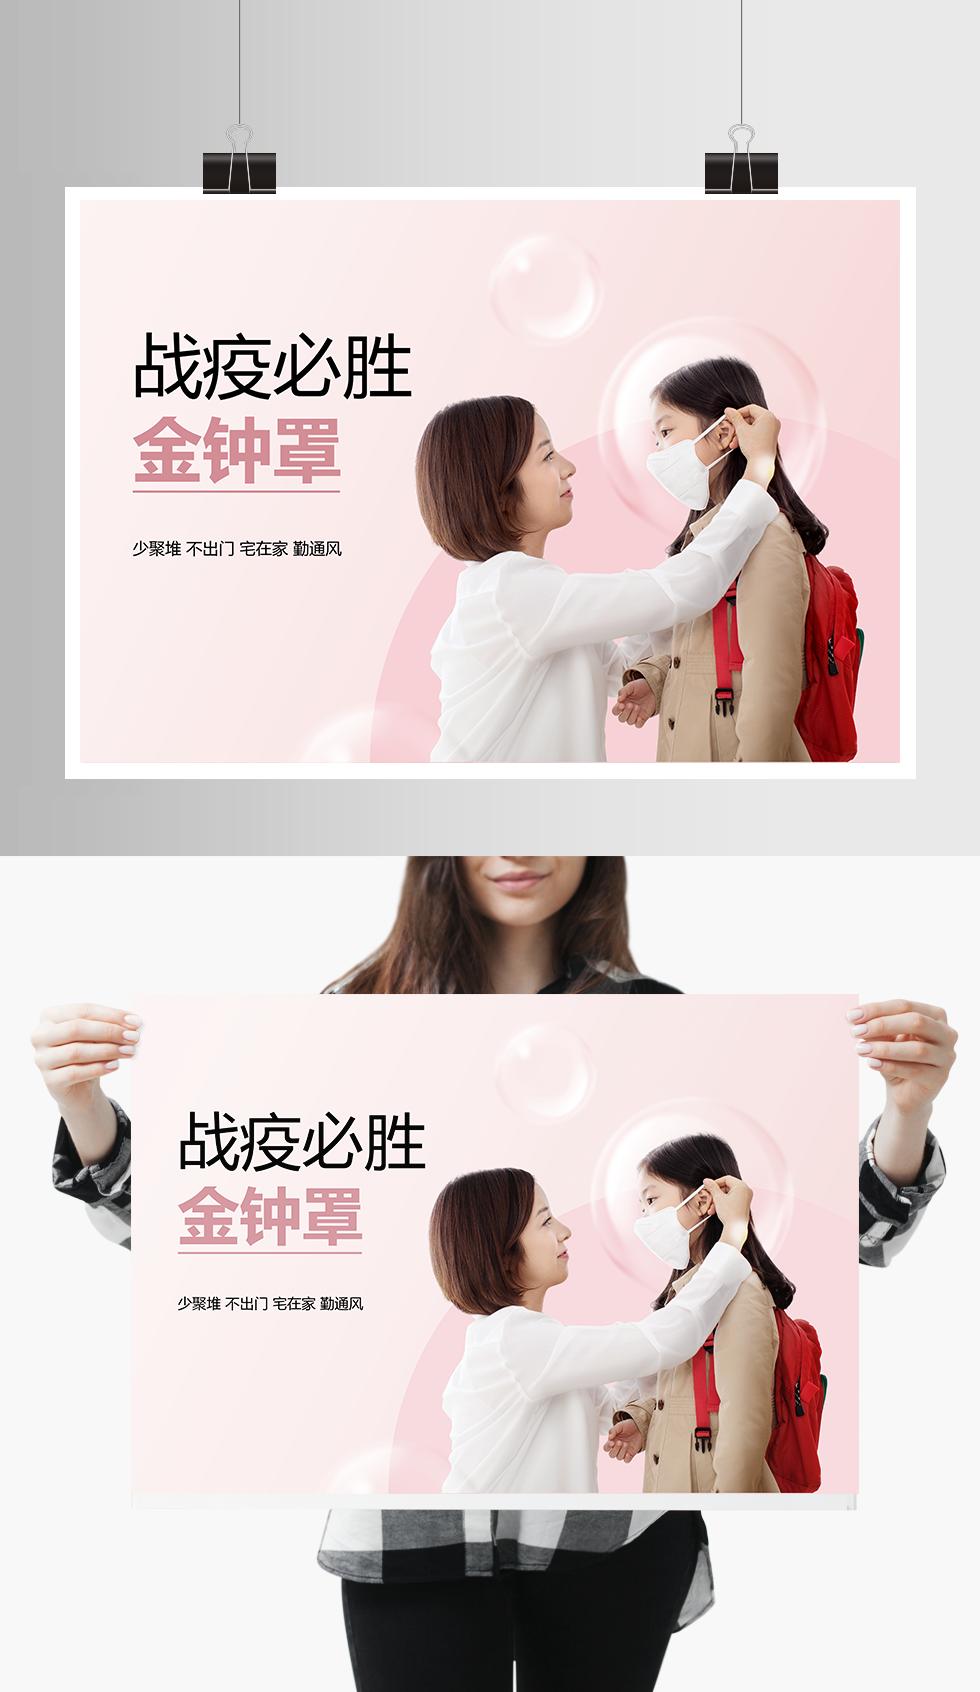 呼吸道感染口罩新冠状病毒疾病防御医疗海报(5)